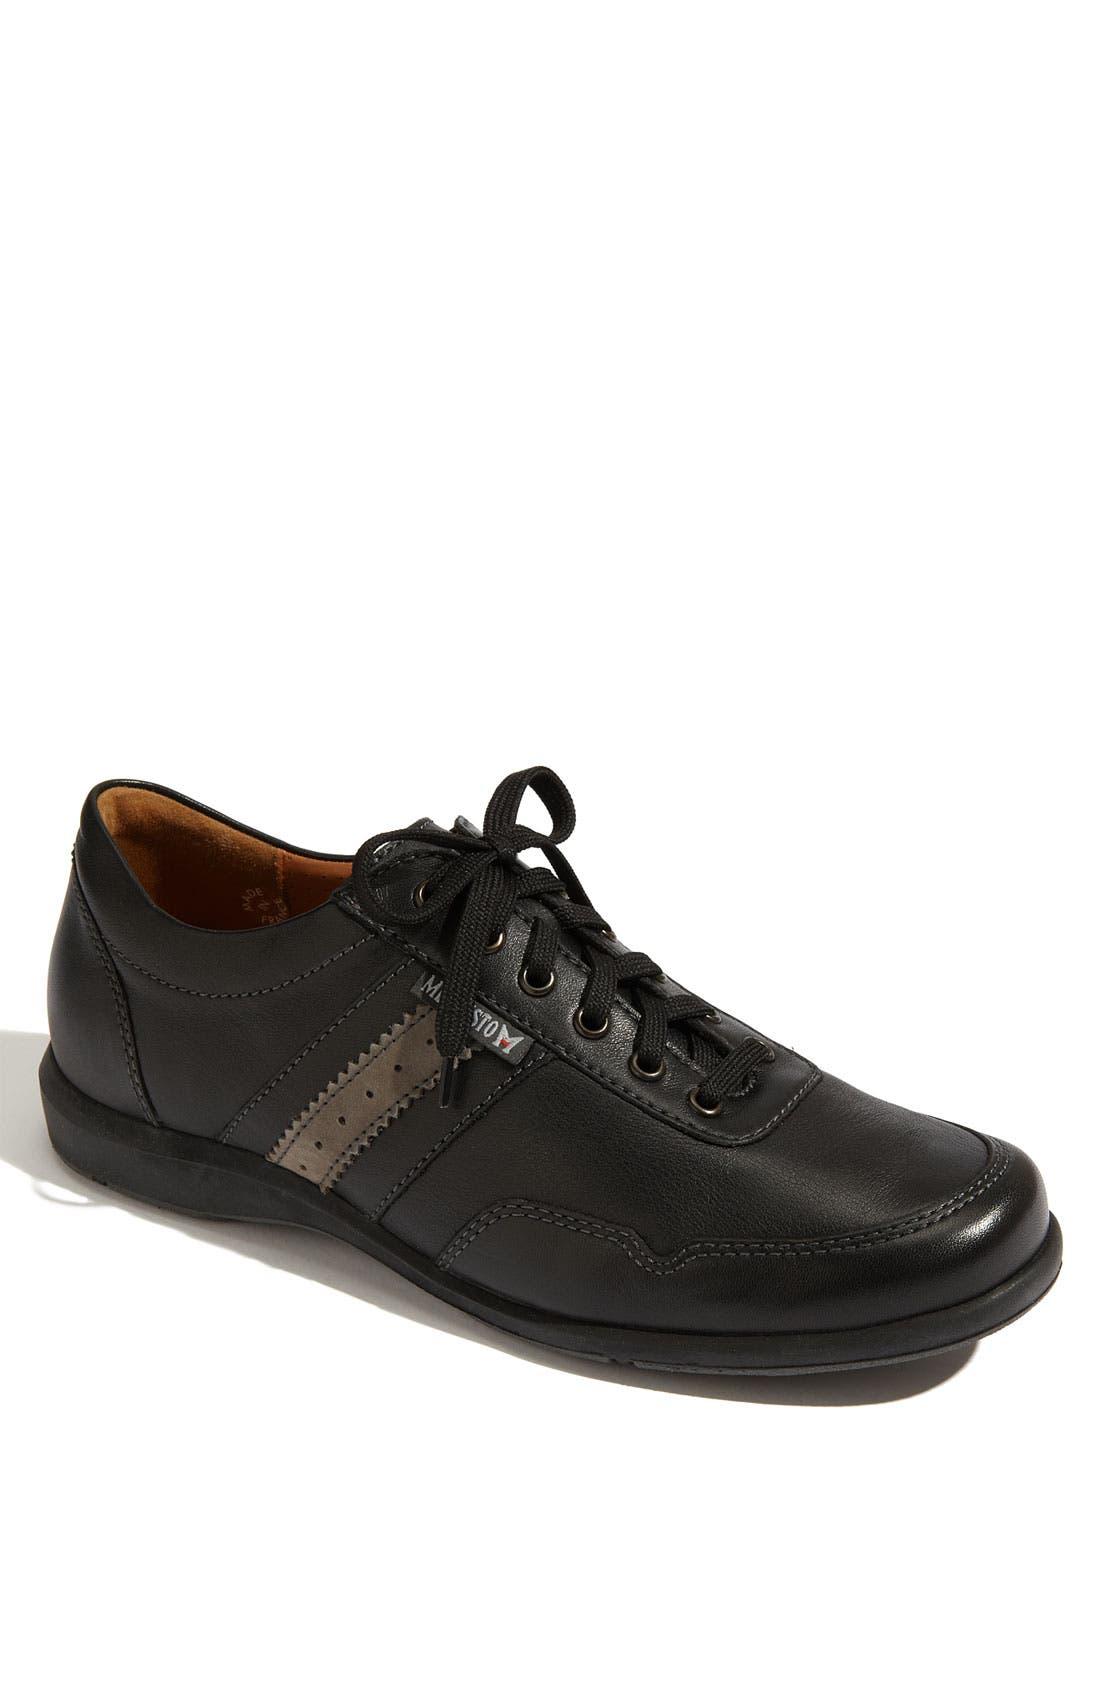 'Bonito' Walking Shoe,                             Main thumbnail 1, color,